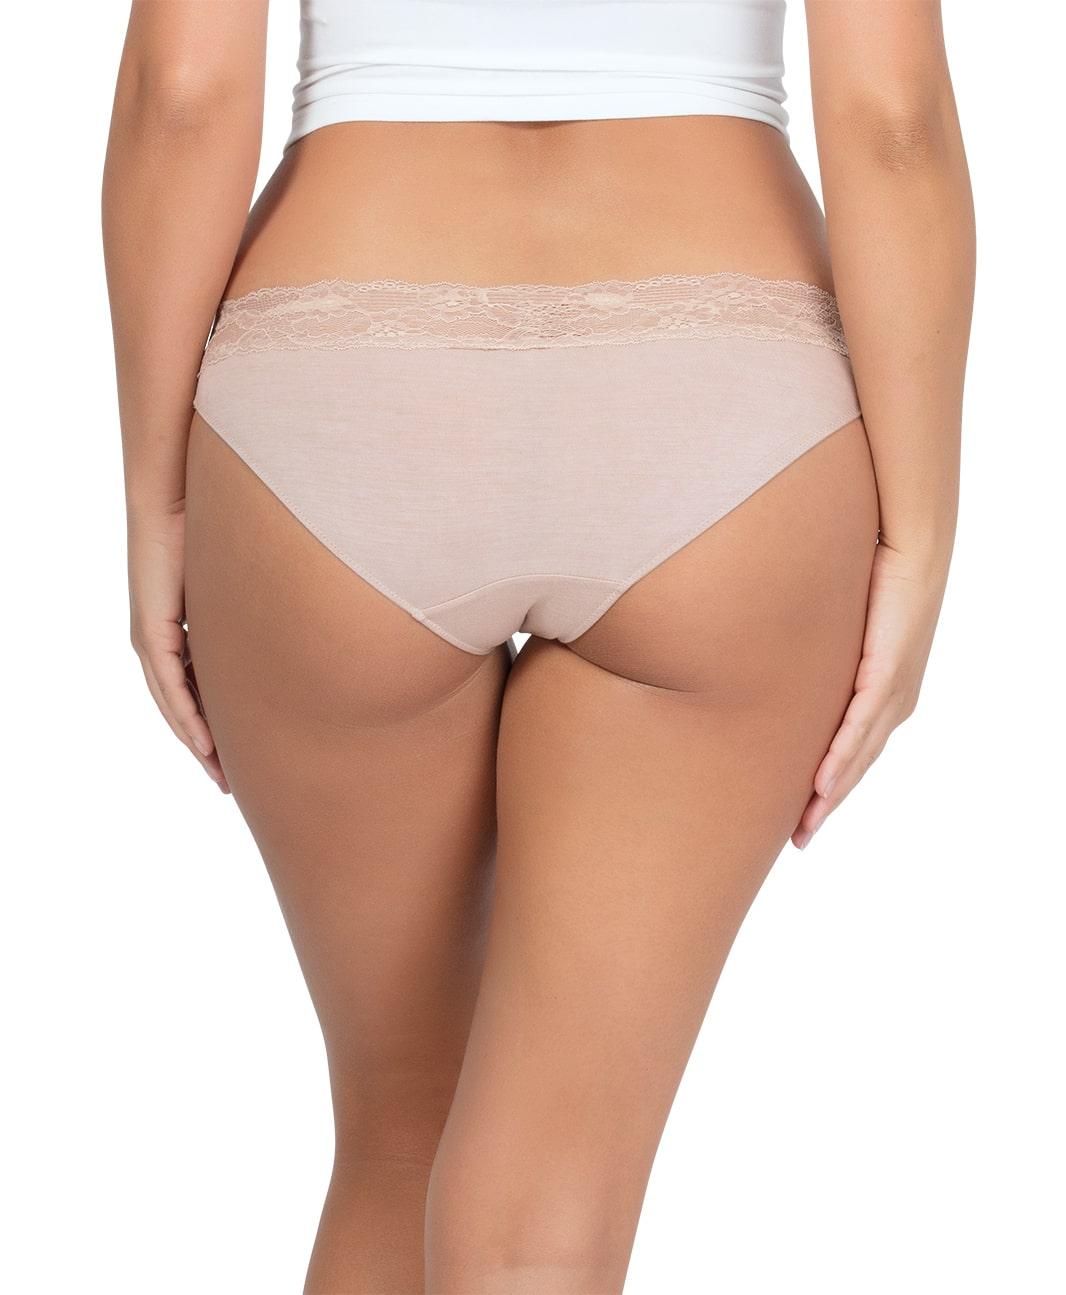 PARFAIT ParfaitPanty SoEssential BikiniPP303 Bare Back2 - Panty So Essential Bikini- Bare - PP303